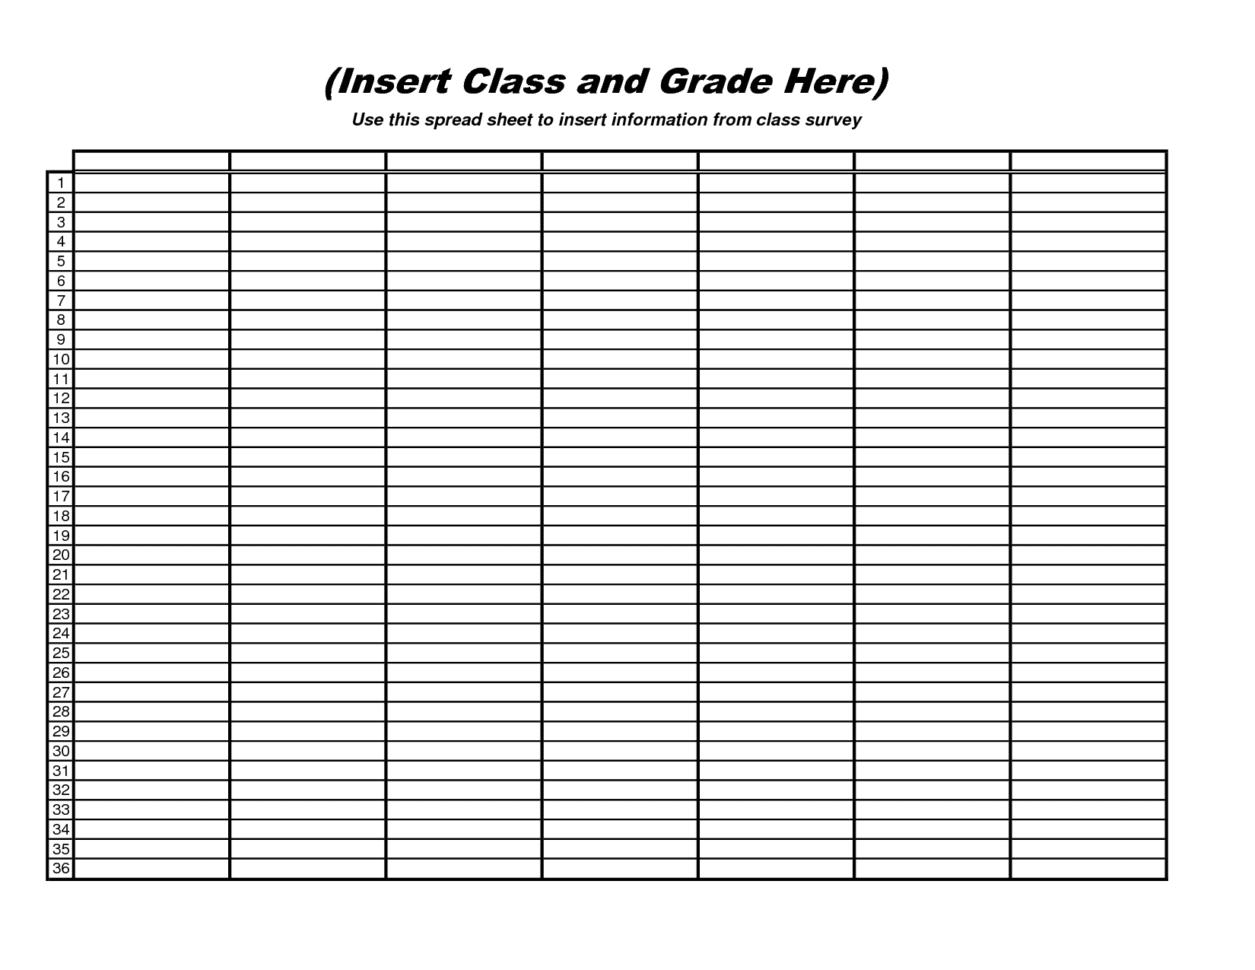 Free Blank Spreadsheet Downloads 2